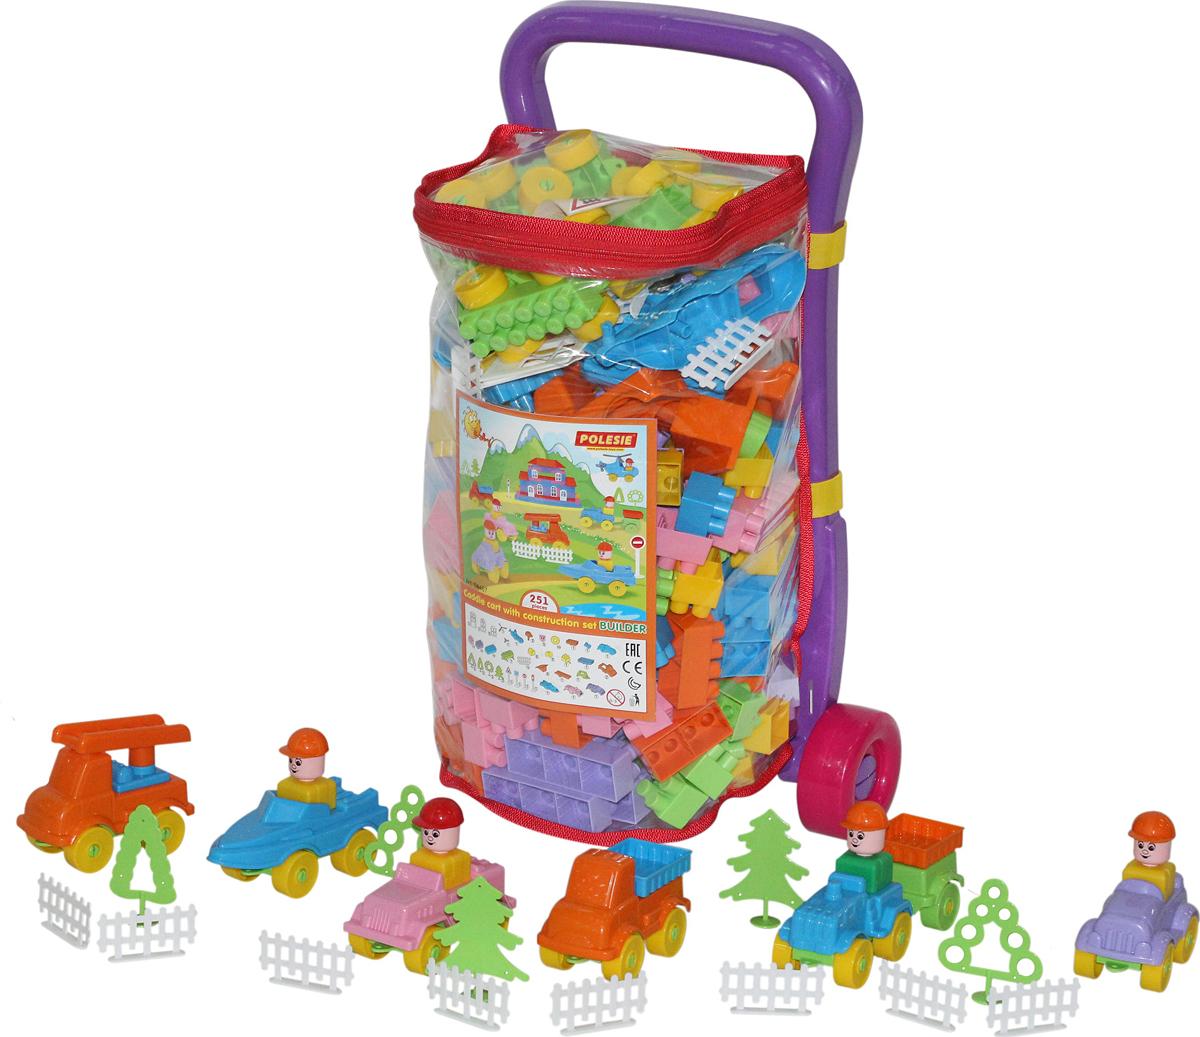 Фото - Полесье Конструктор Строитель 251 элемент + Тележка Caddie, цвет в ассортименте полесье набор игрушек для песочницы 468 цвет в ассортименте